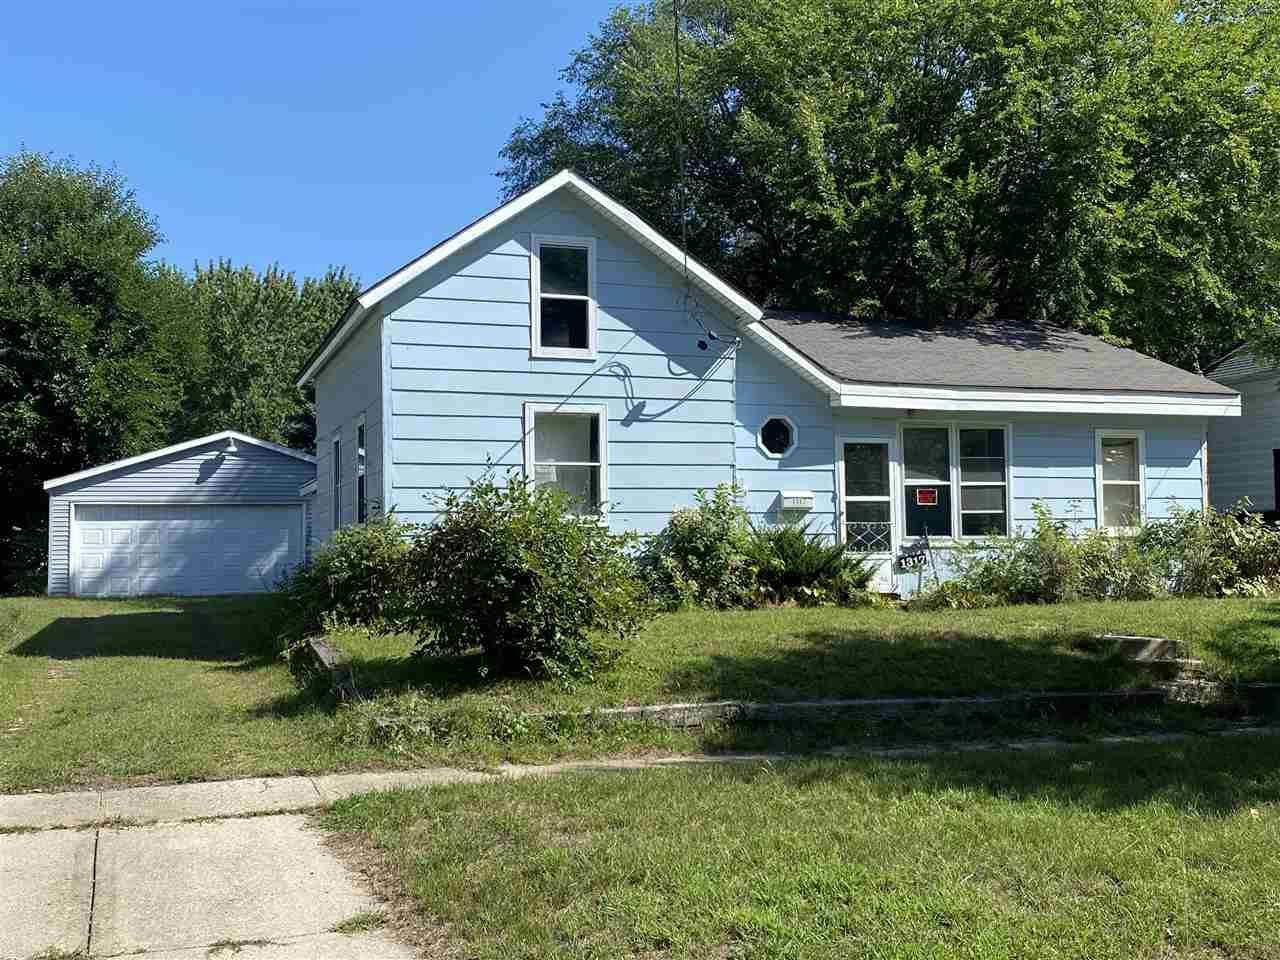 1317 Forest Ave, Beloit, WI 53511 - #: 1891100